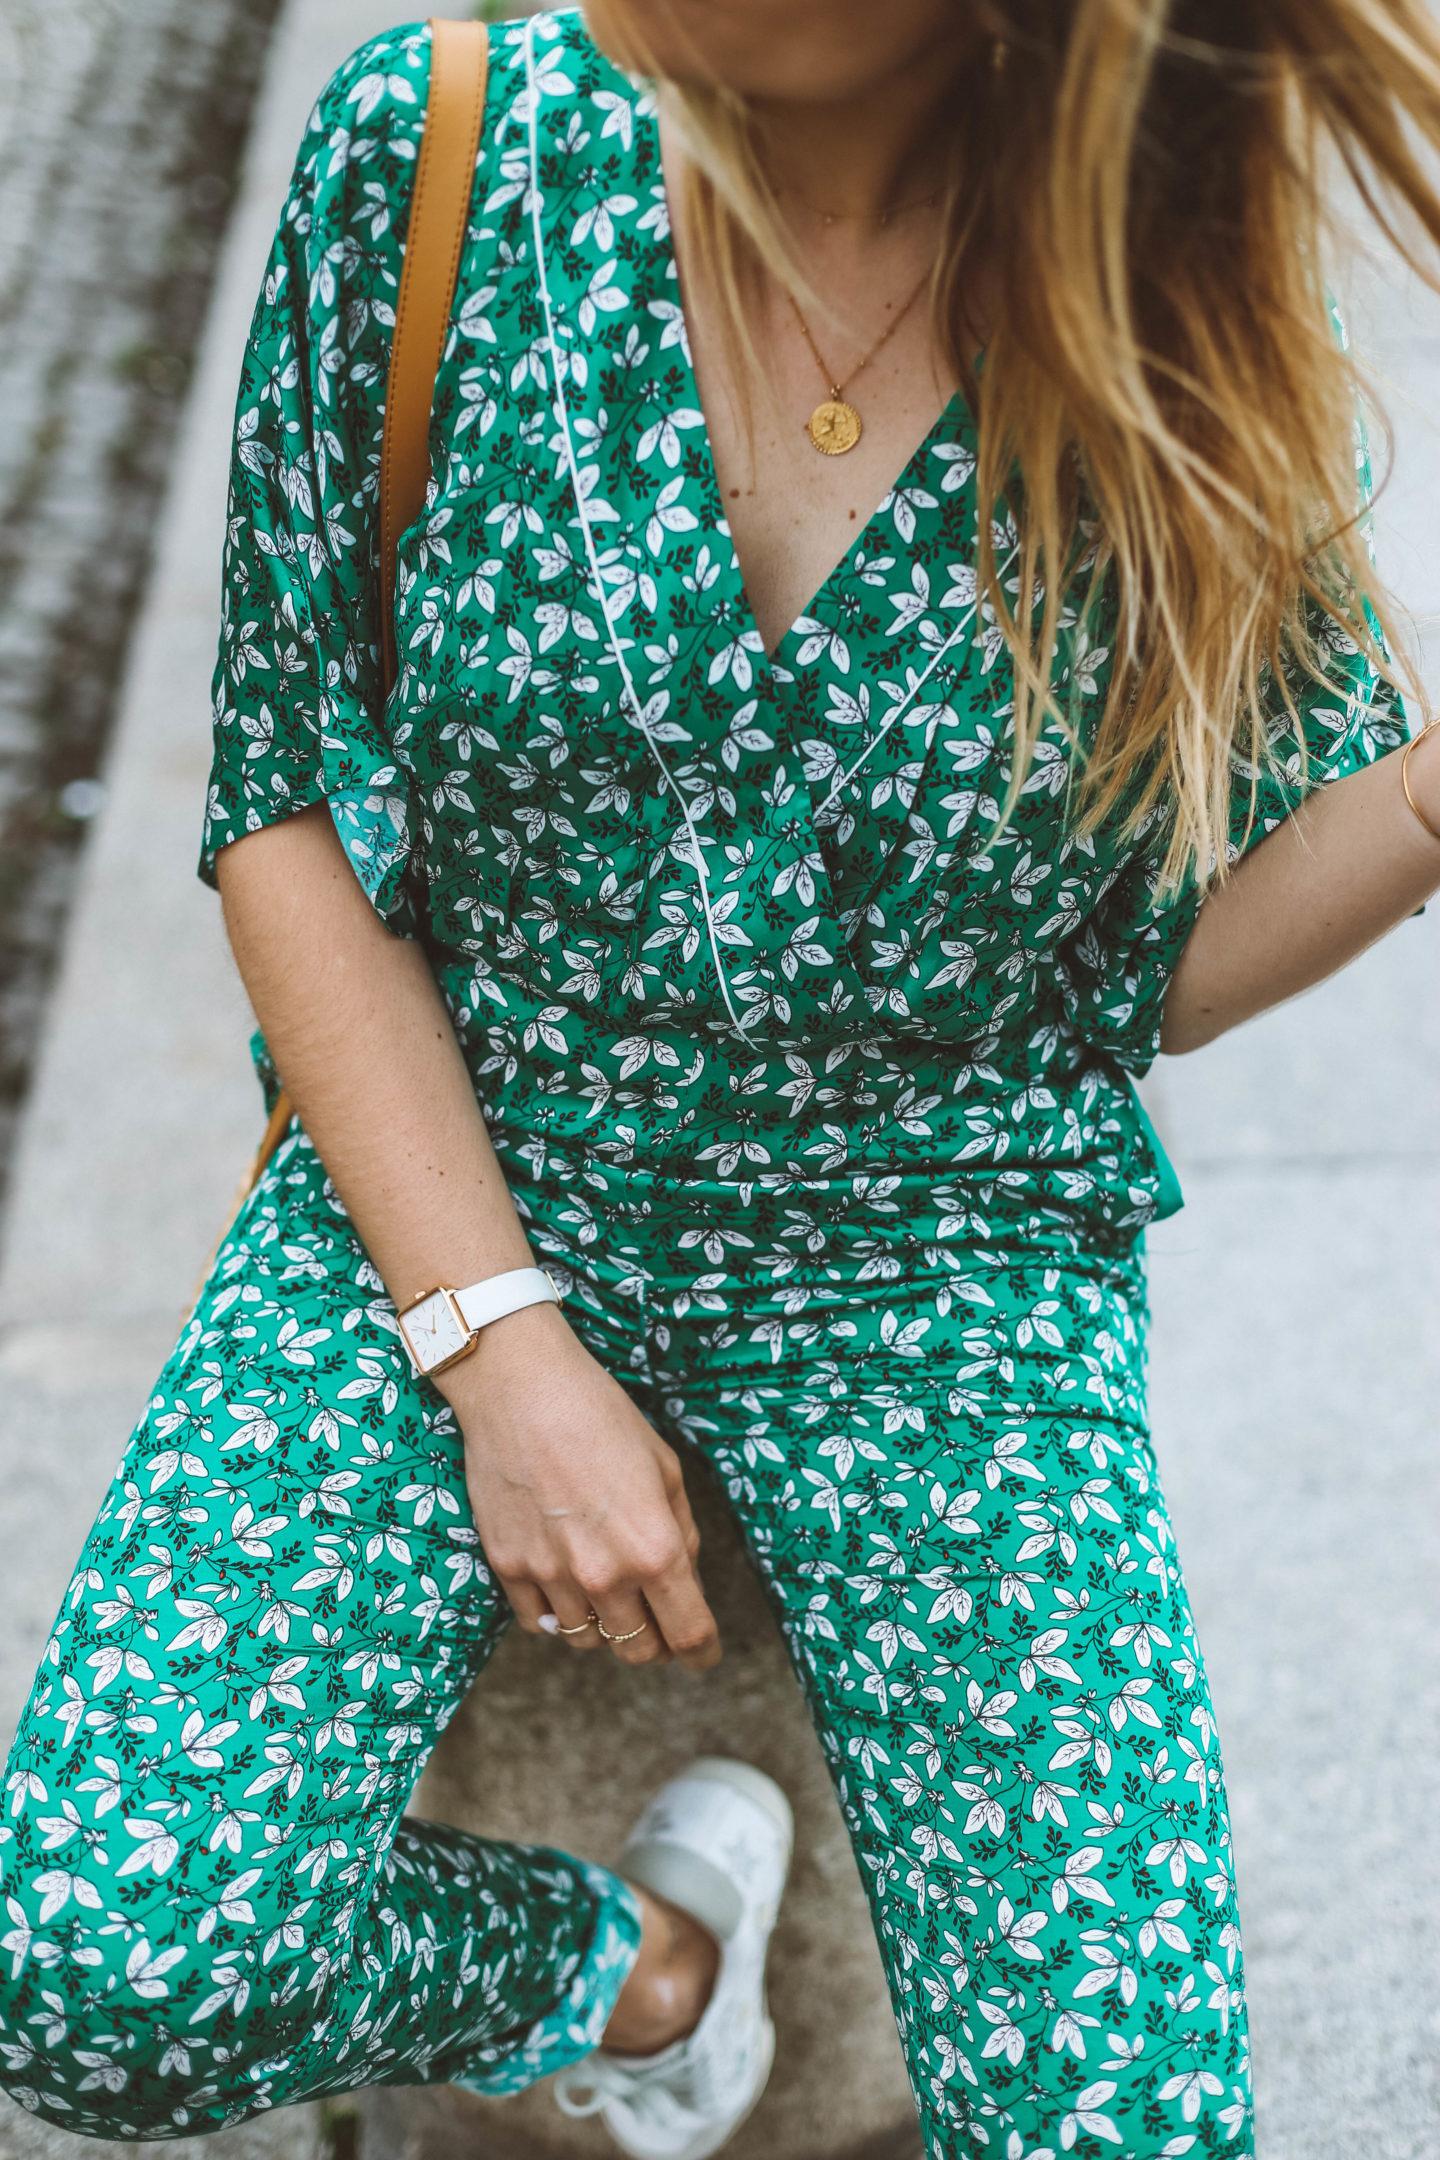 Montre Cluse - Blondie Baby blog Paris mode et voyages